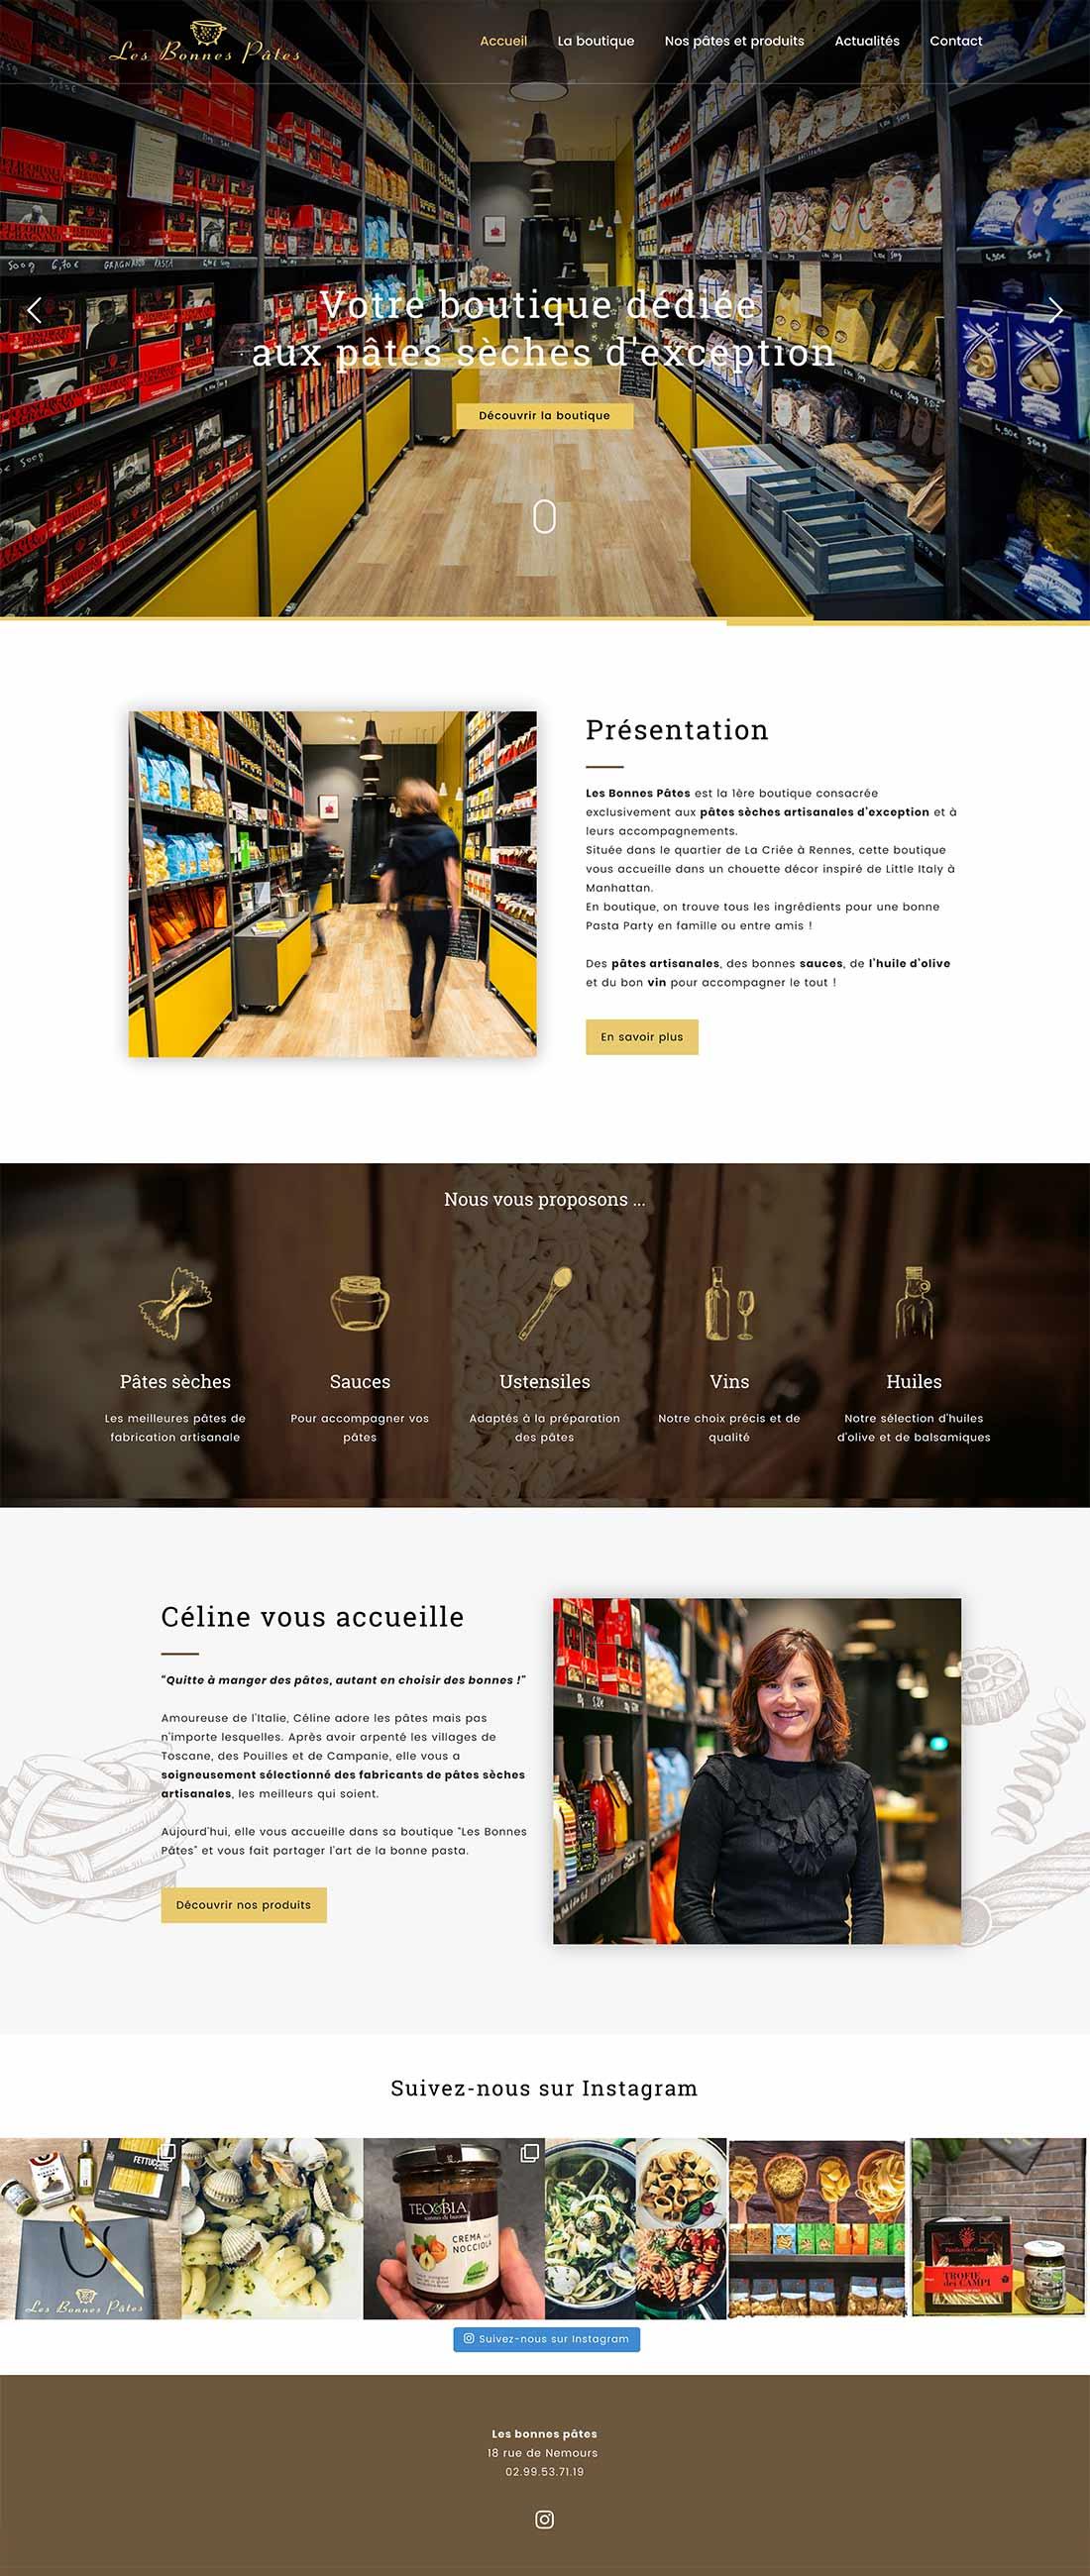 Agence de communication à Rennes : réalisation du site internet de la boutique Les Bonnes Pâtes